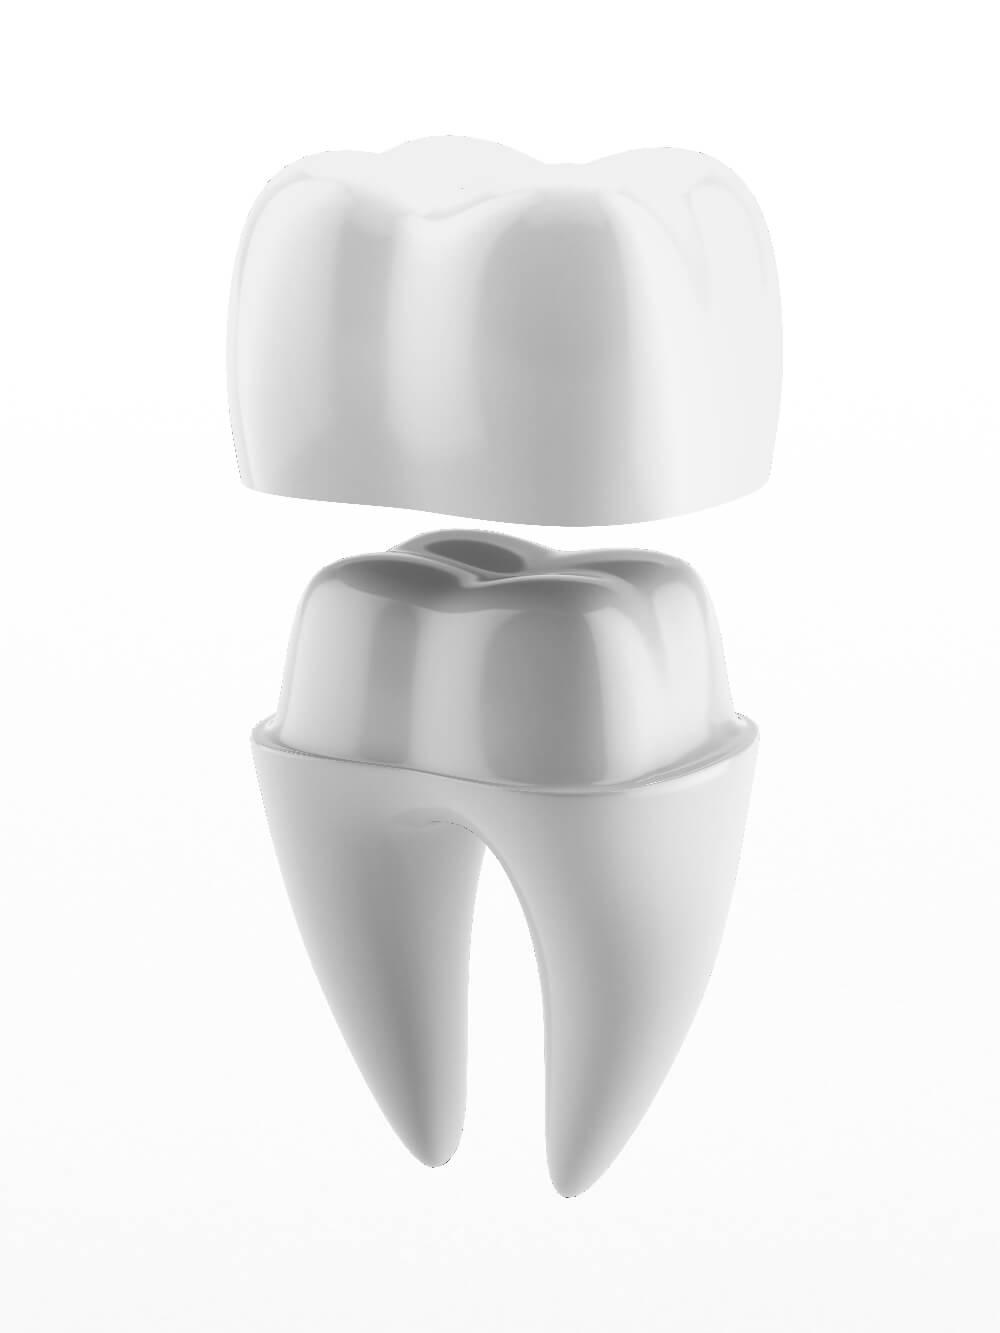 Dental crown example